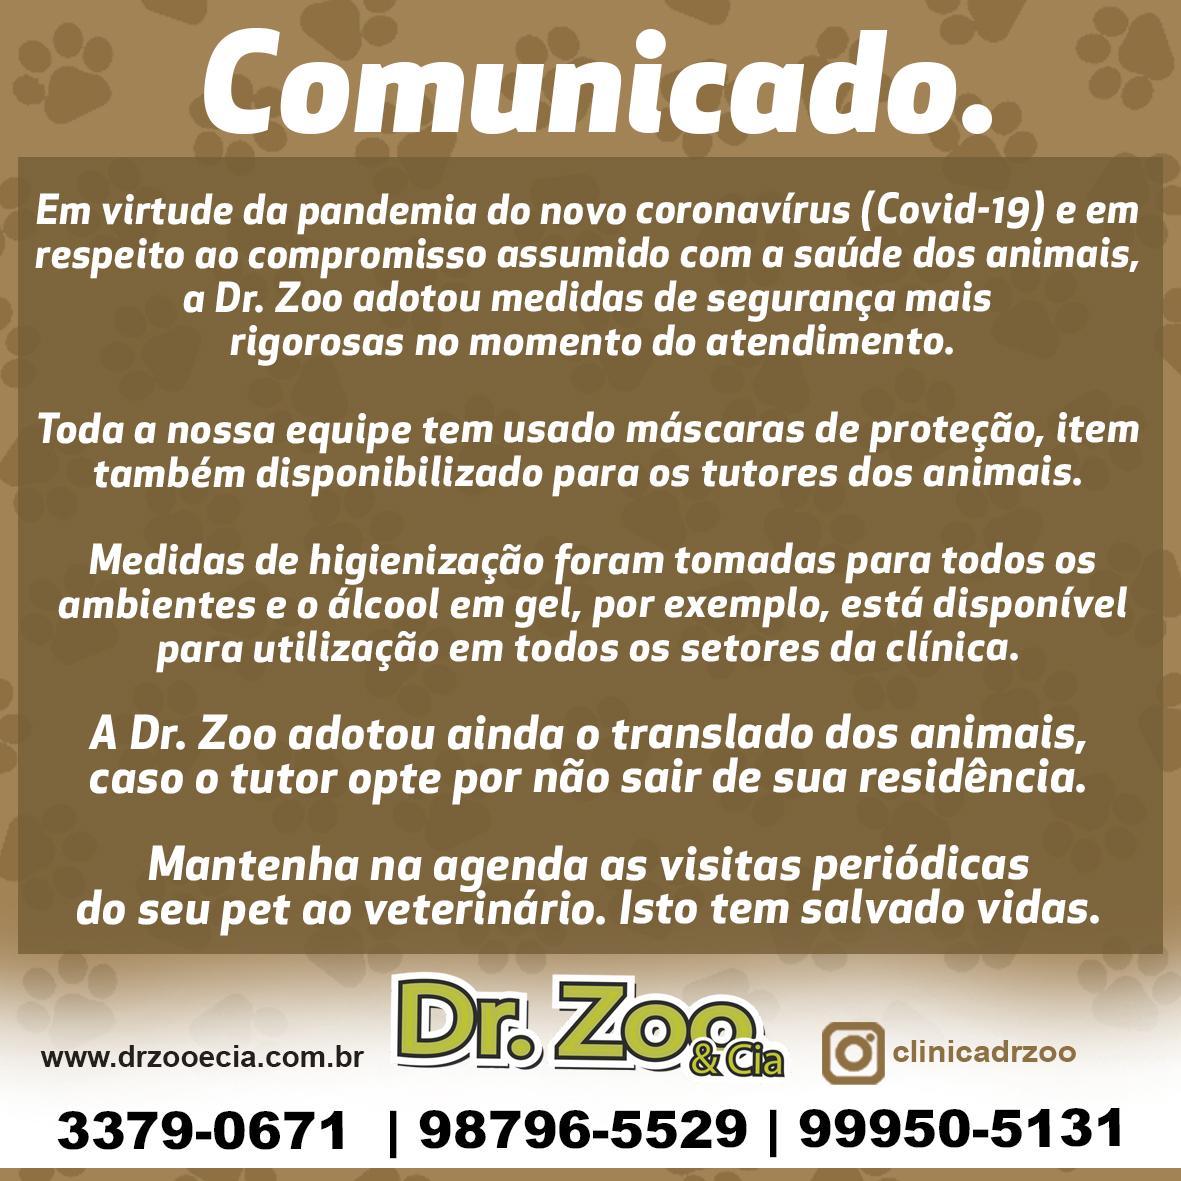 Comunicado.